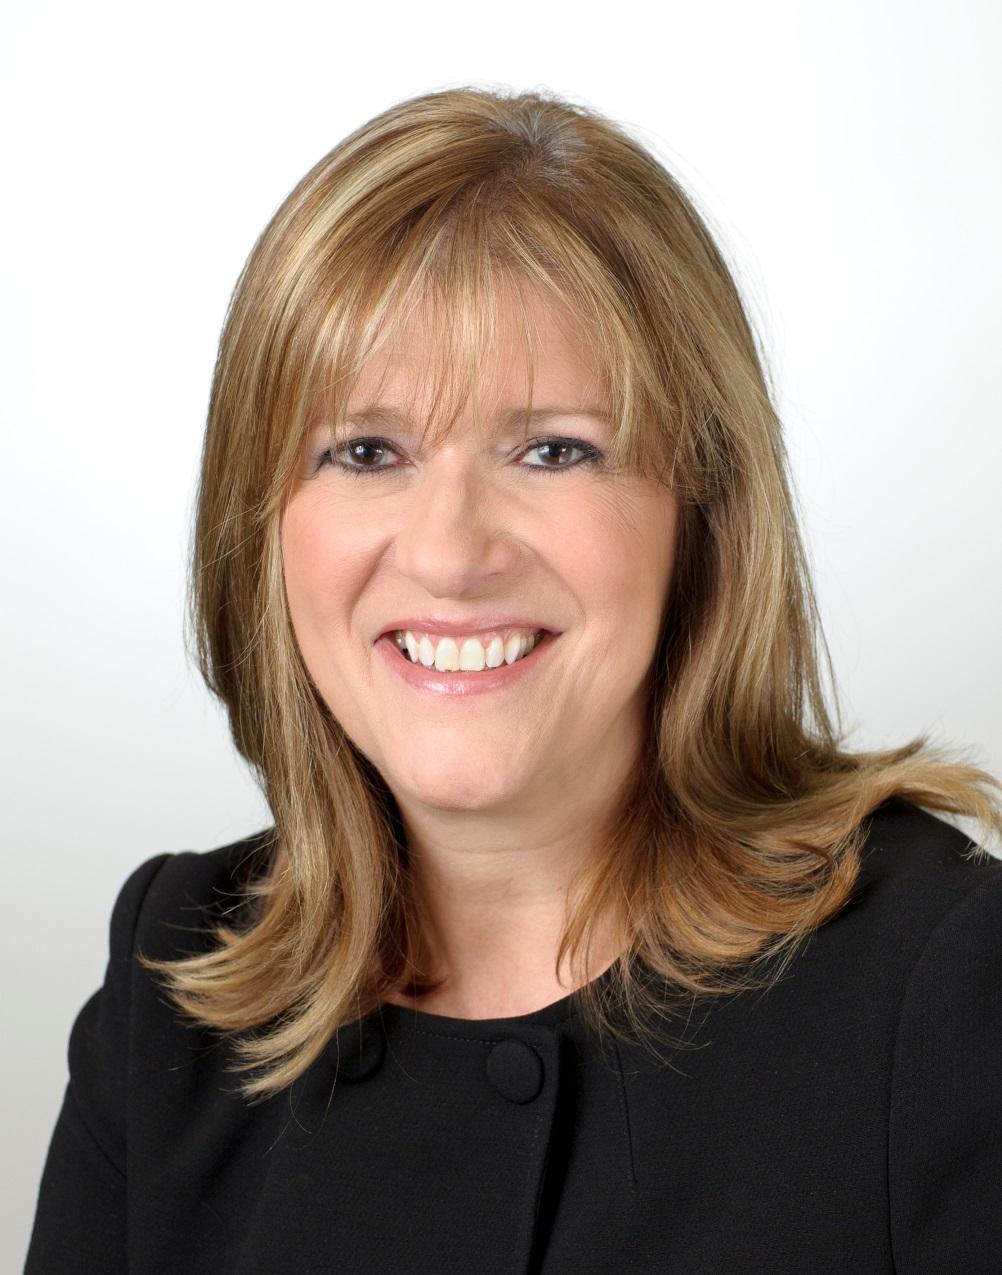 Marcie Sherwood